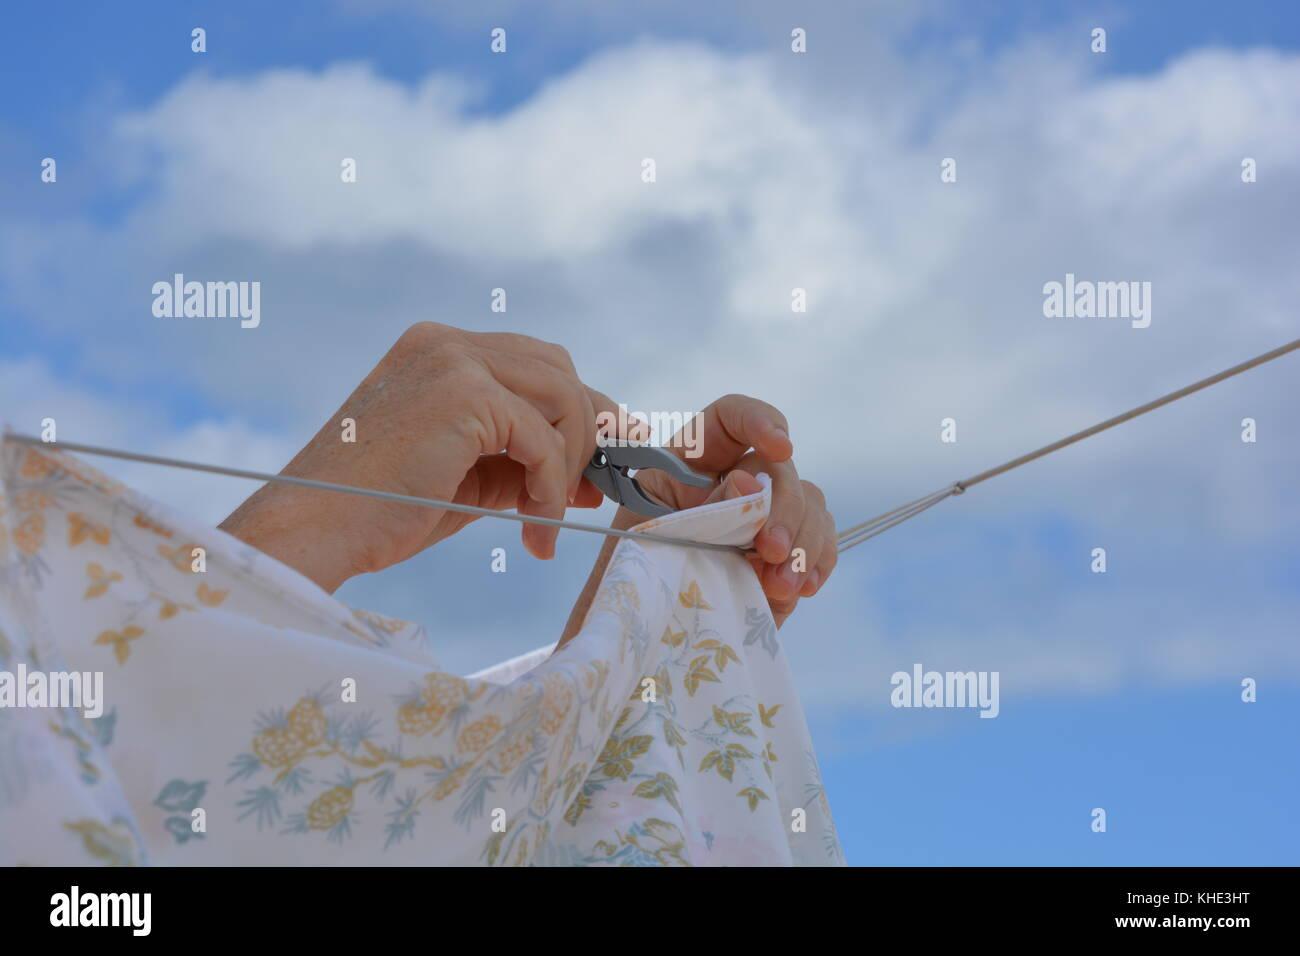 Laundry day. sortir le lave-linge sur une corde à linge à l'extérieur. Photo Stock